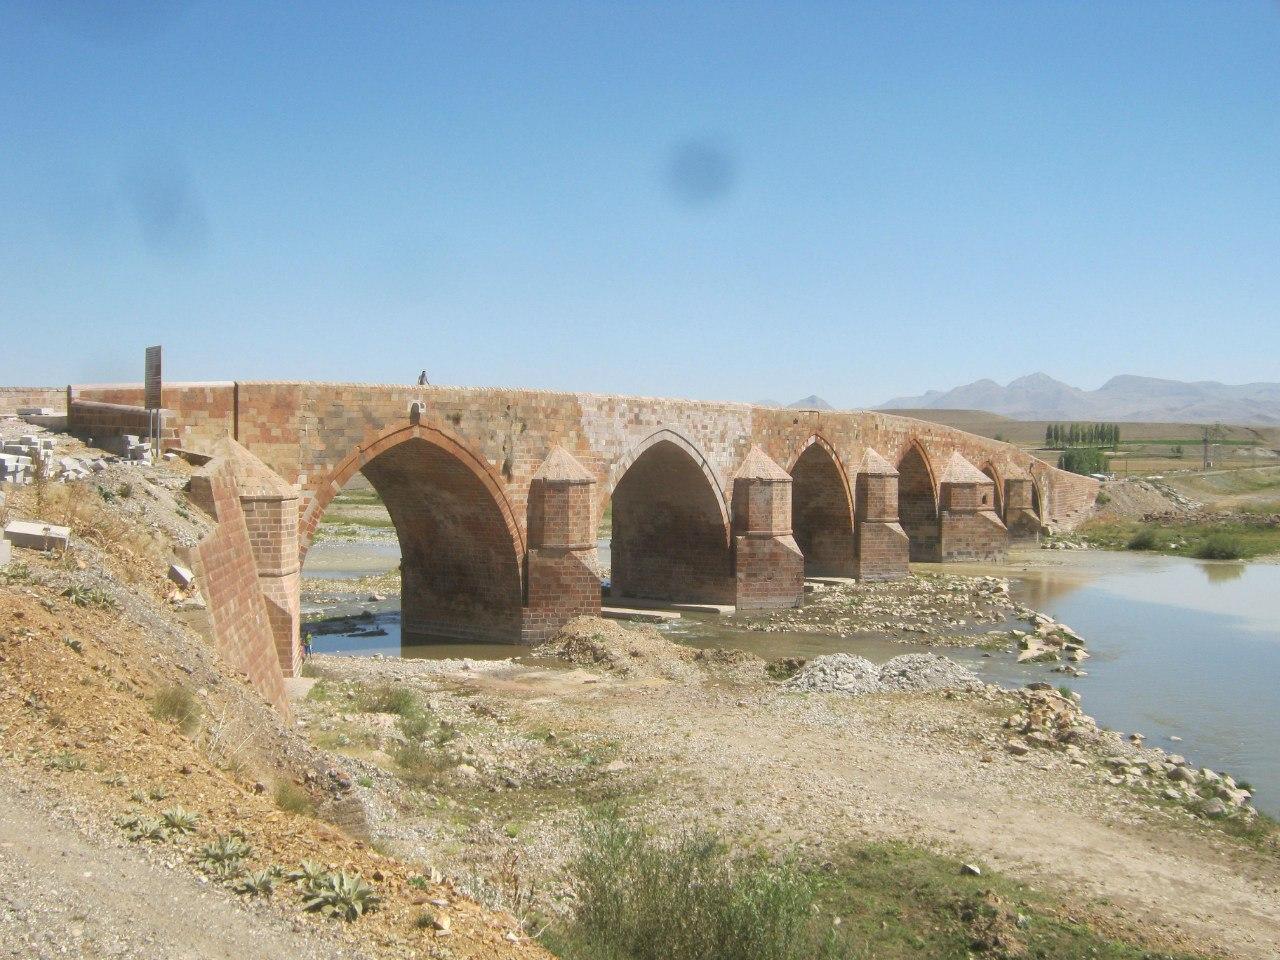 красивый старинный мост Cobandede около Эрзурум